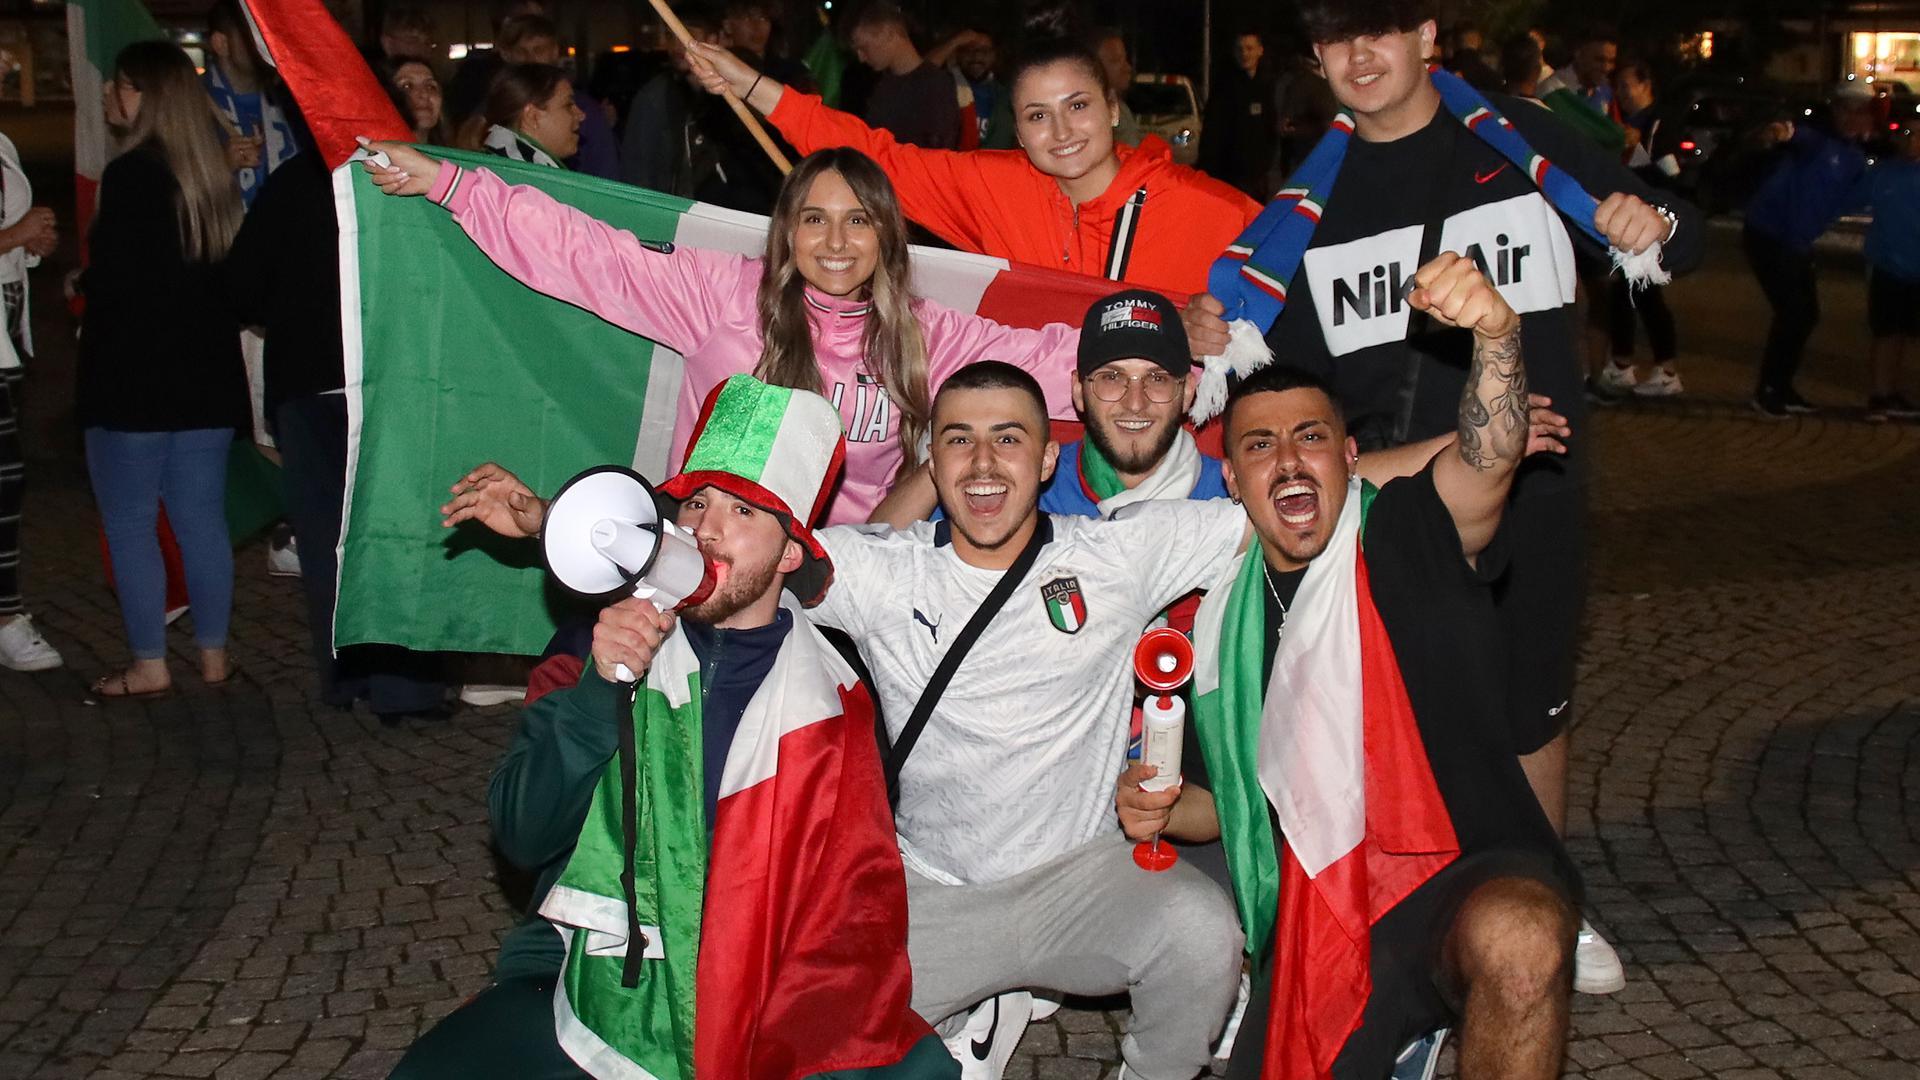 Italiener in Achern und Sasbach tippen ganz klar auf Italien